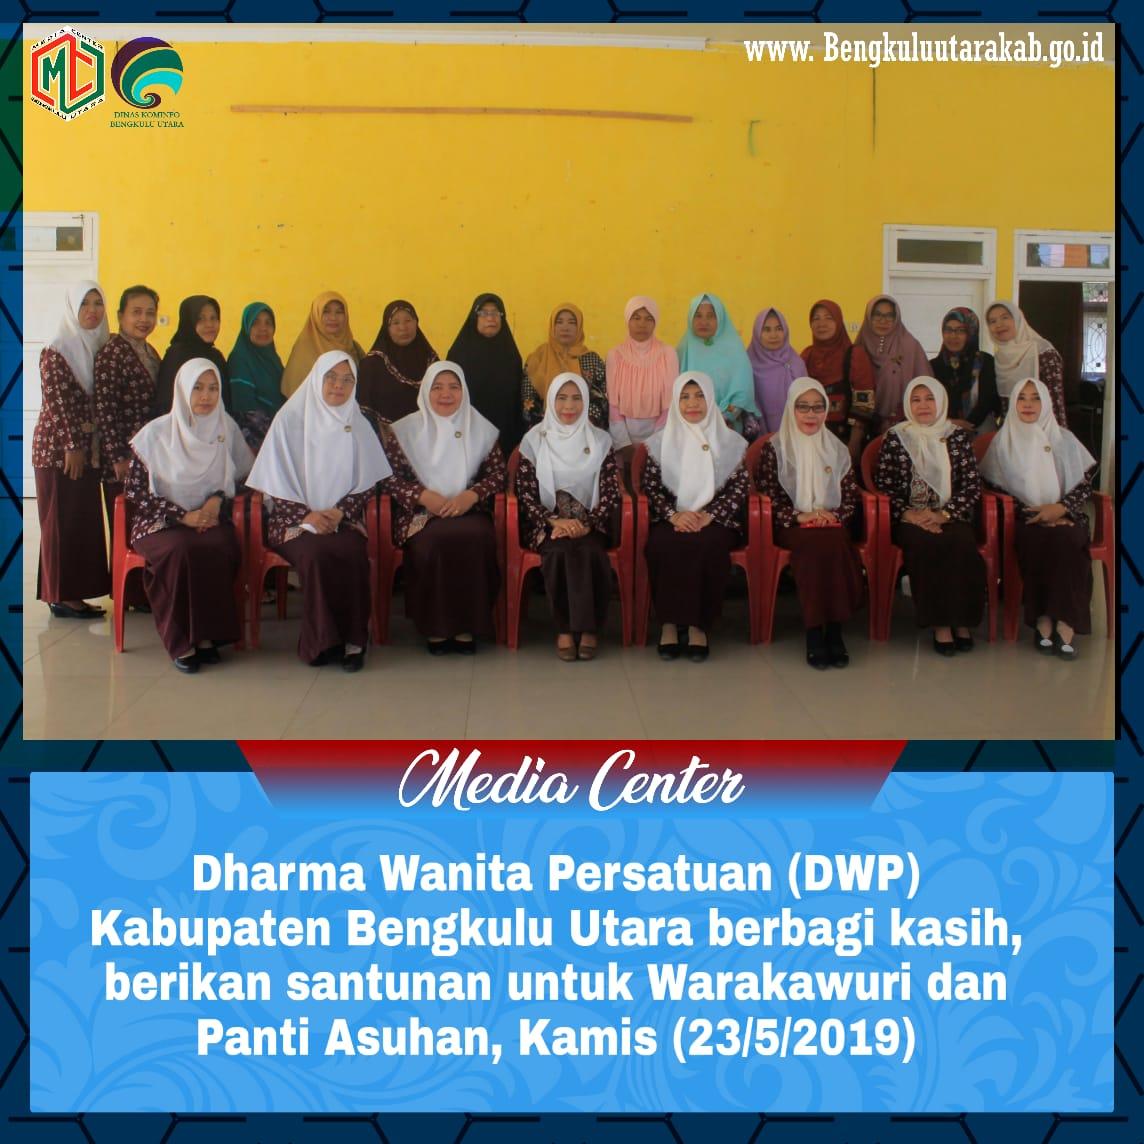 DWP Bengkulu Utara Berbagi Kasih, Beri Santuan untuk Warakawuri dan Panti Asuhan